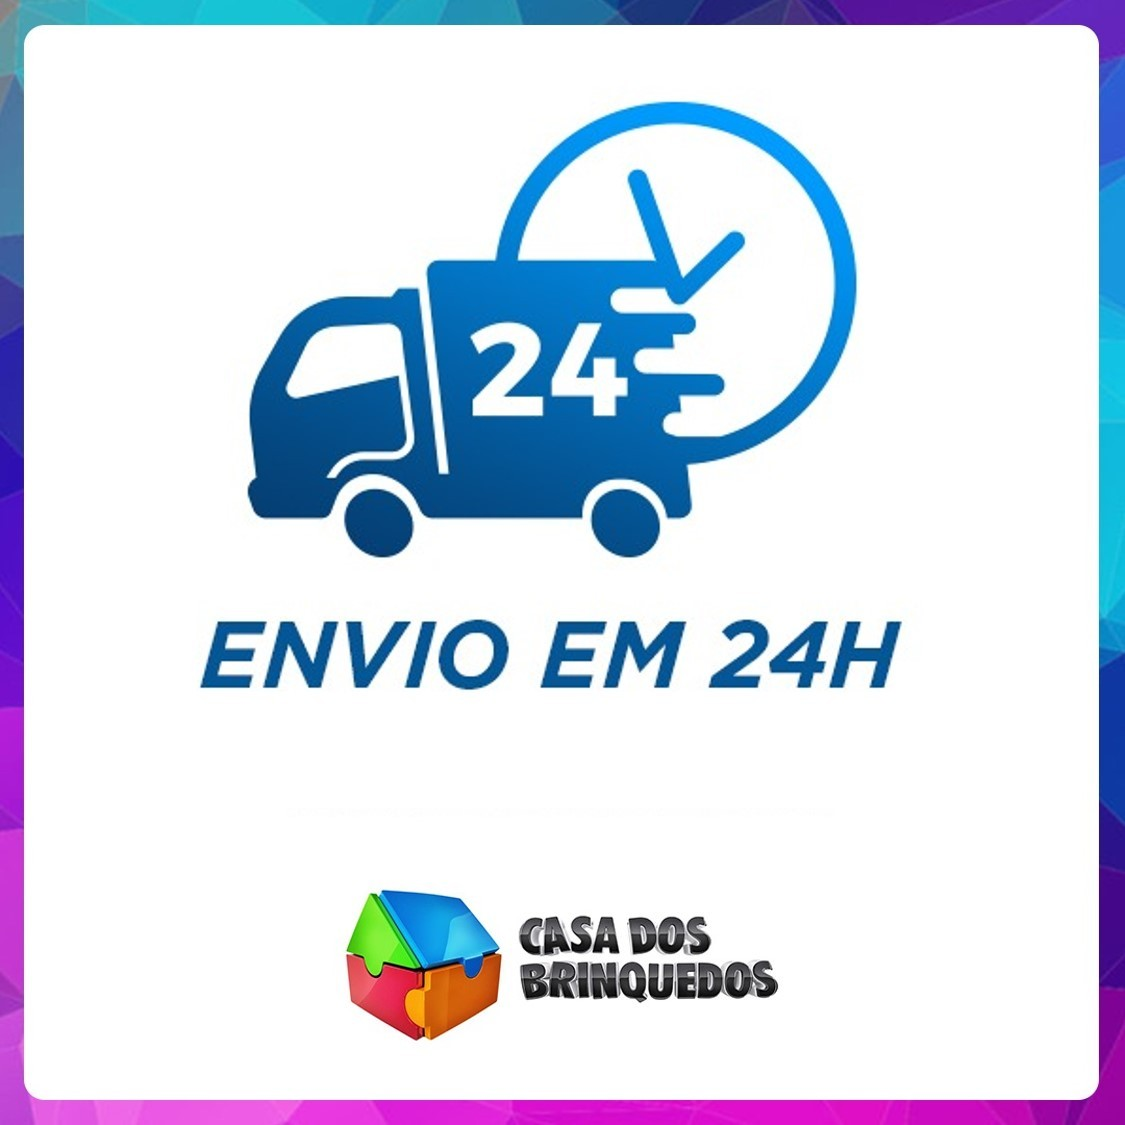 MOTO CROSS WASH GARAGE AMARELO 452 USUAL BRINQUEDOS